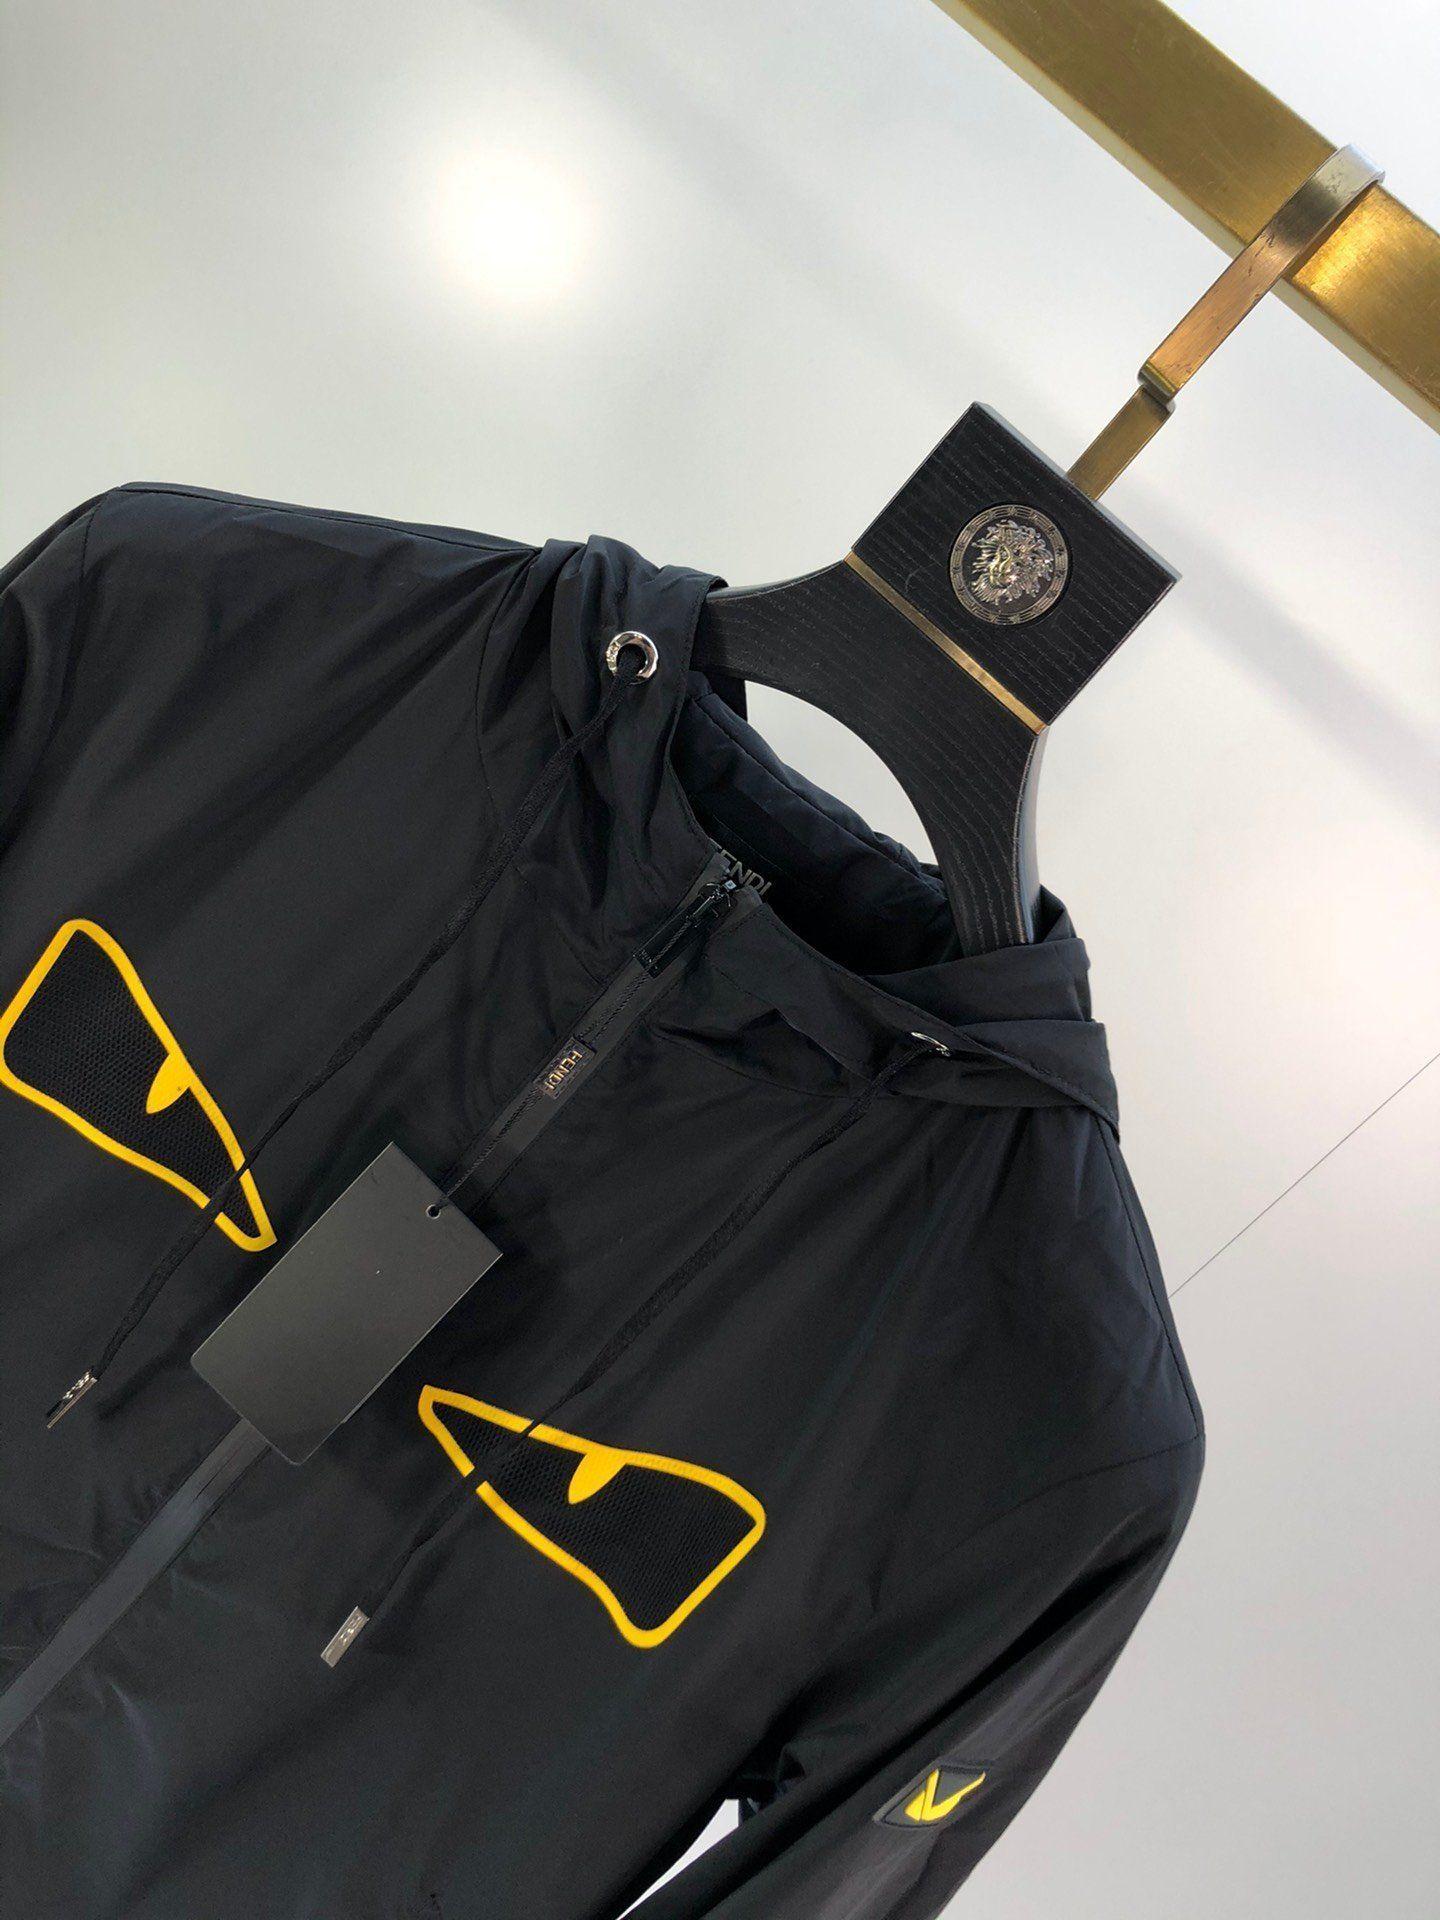 2020 homens jaquetas de alta qualidade nova queda de mangas compridas JXRRW0HJQJKS moda casaco casuais